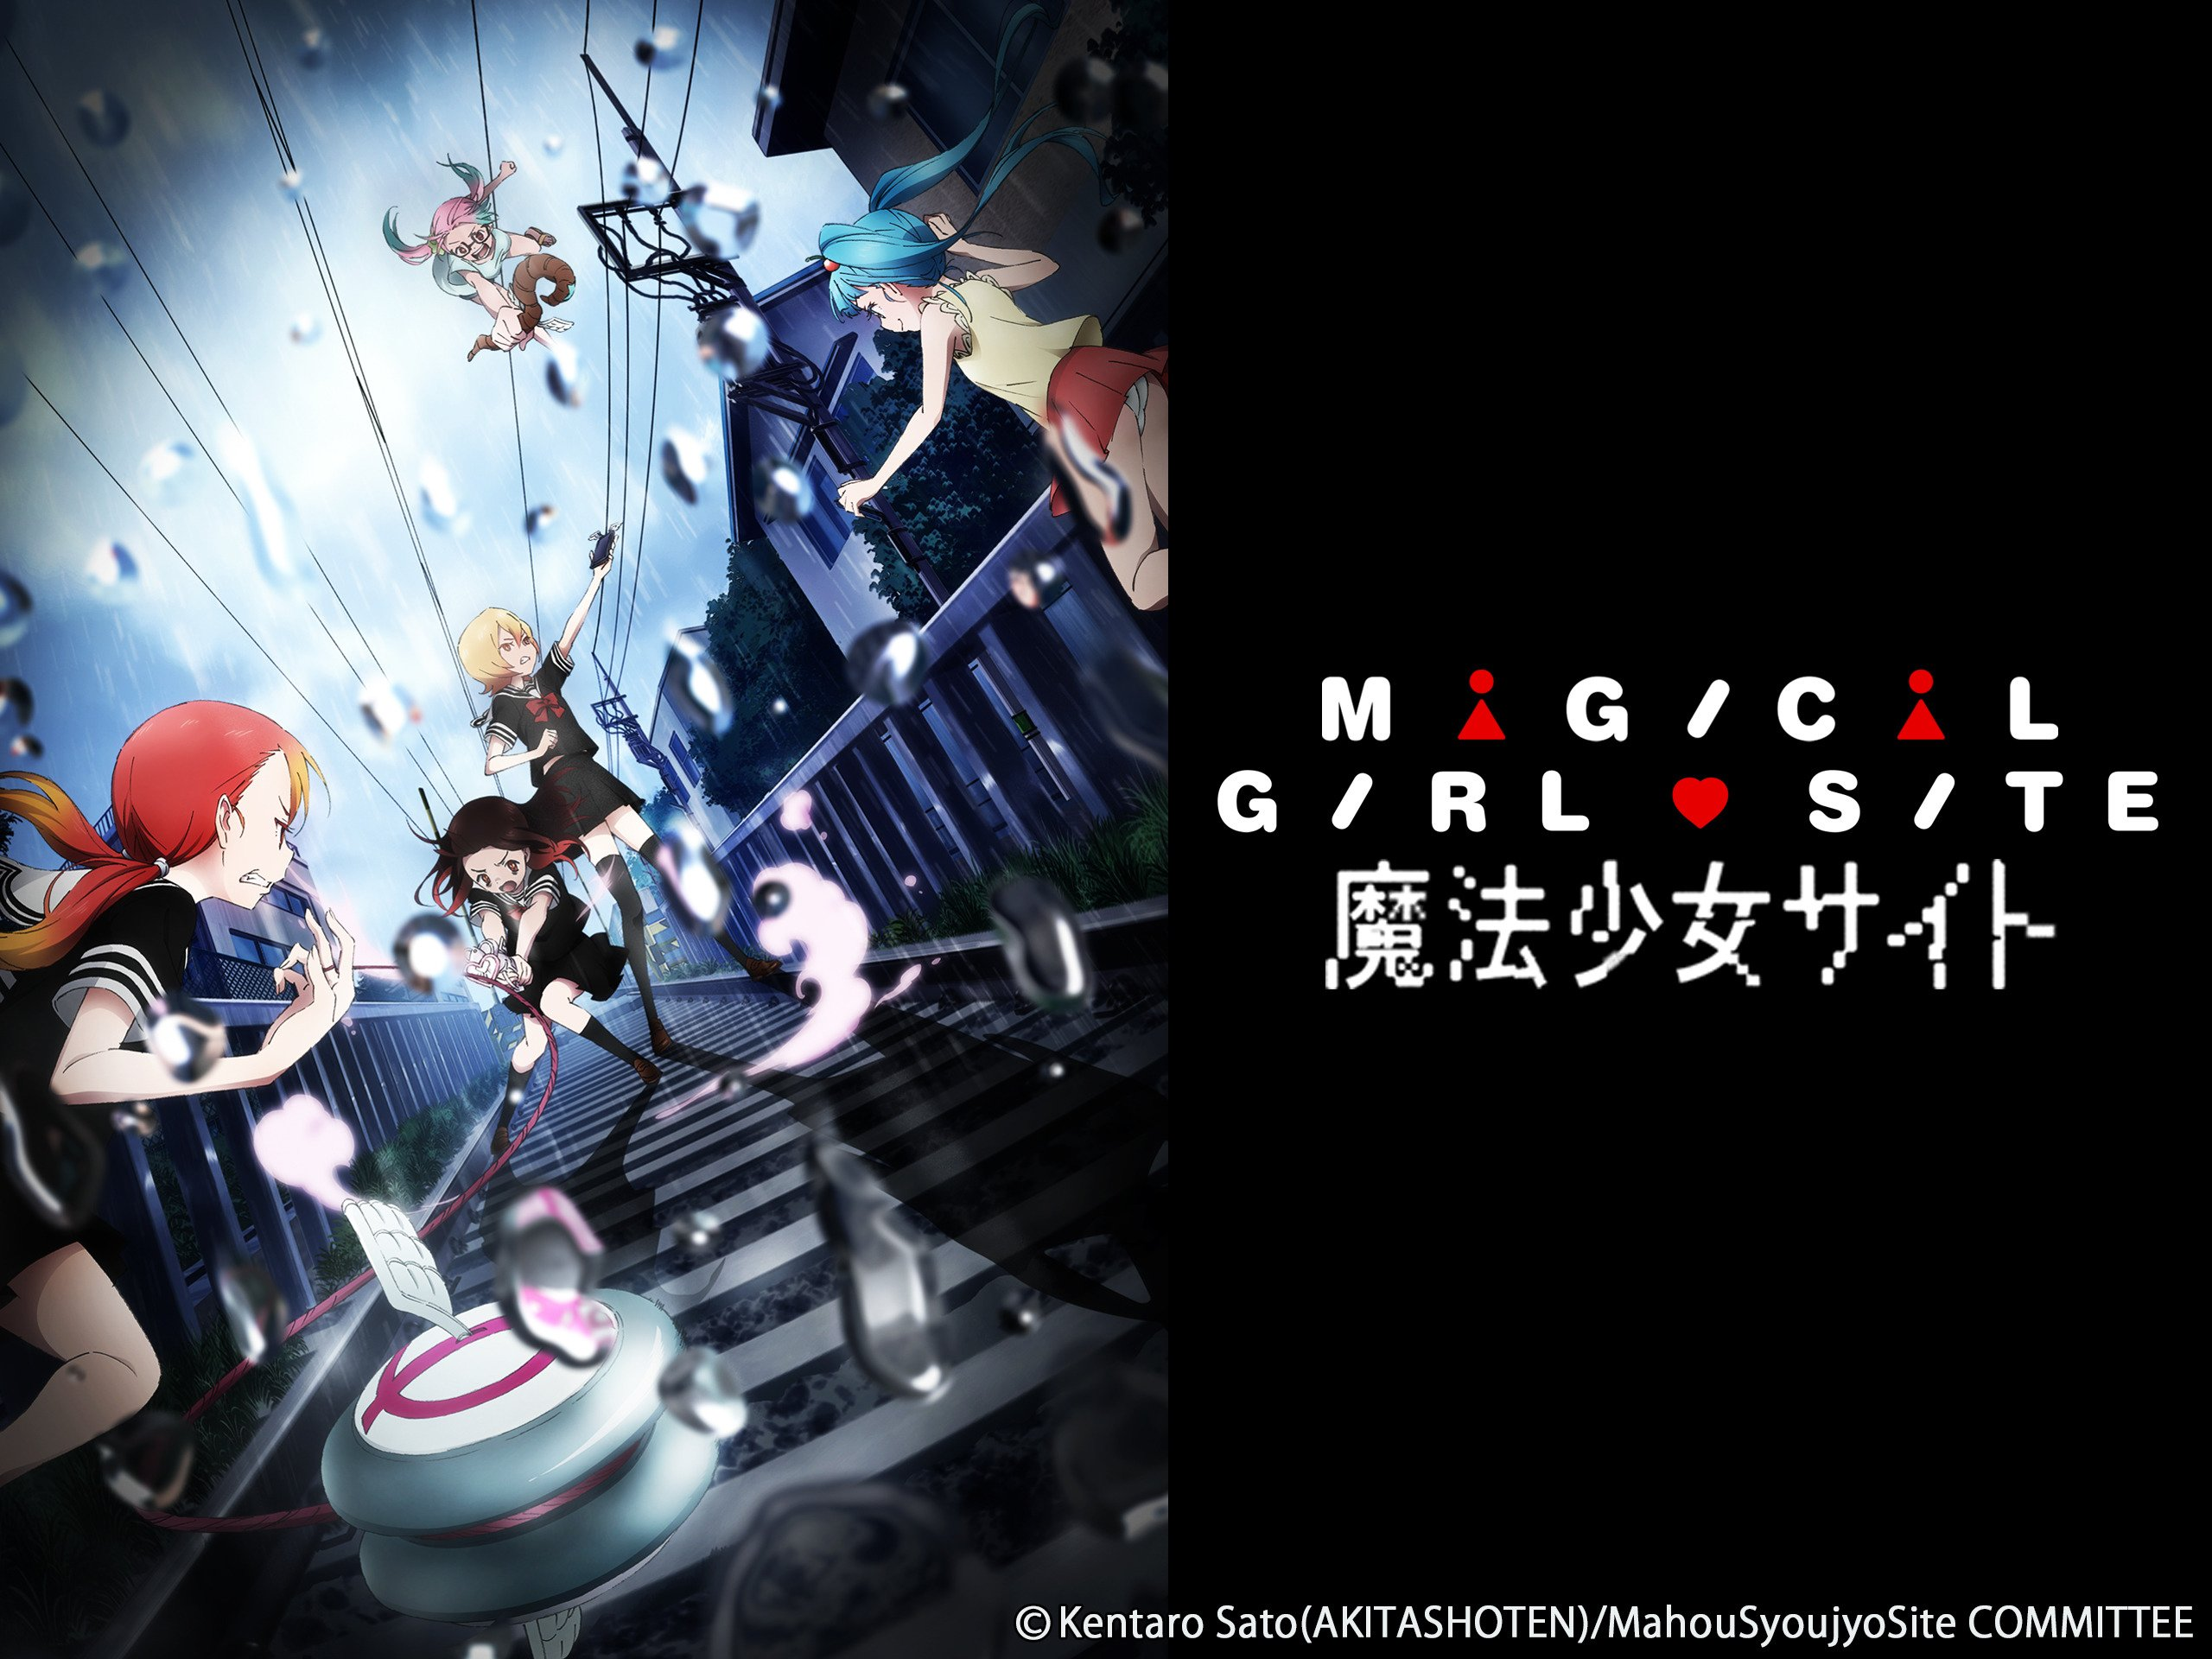 Bildergebnis für magical girl site